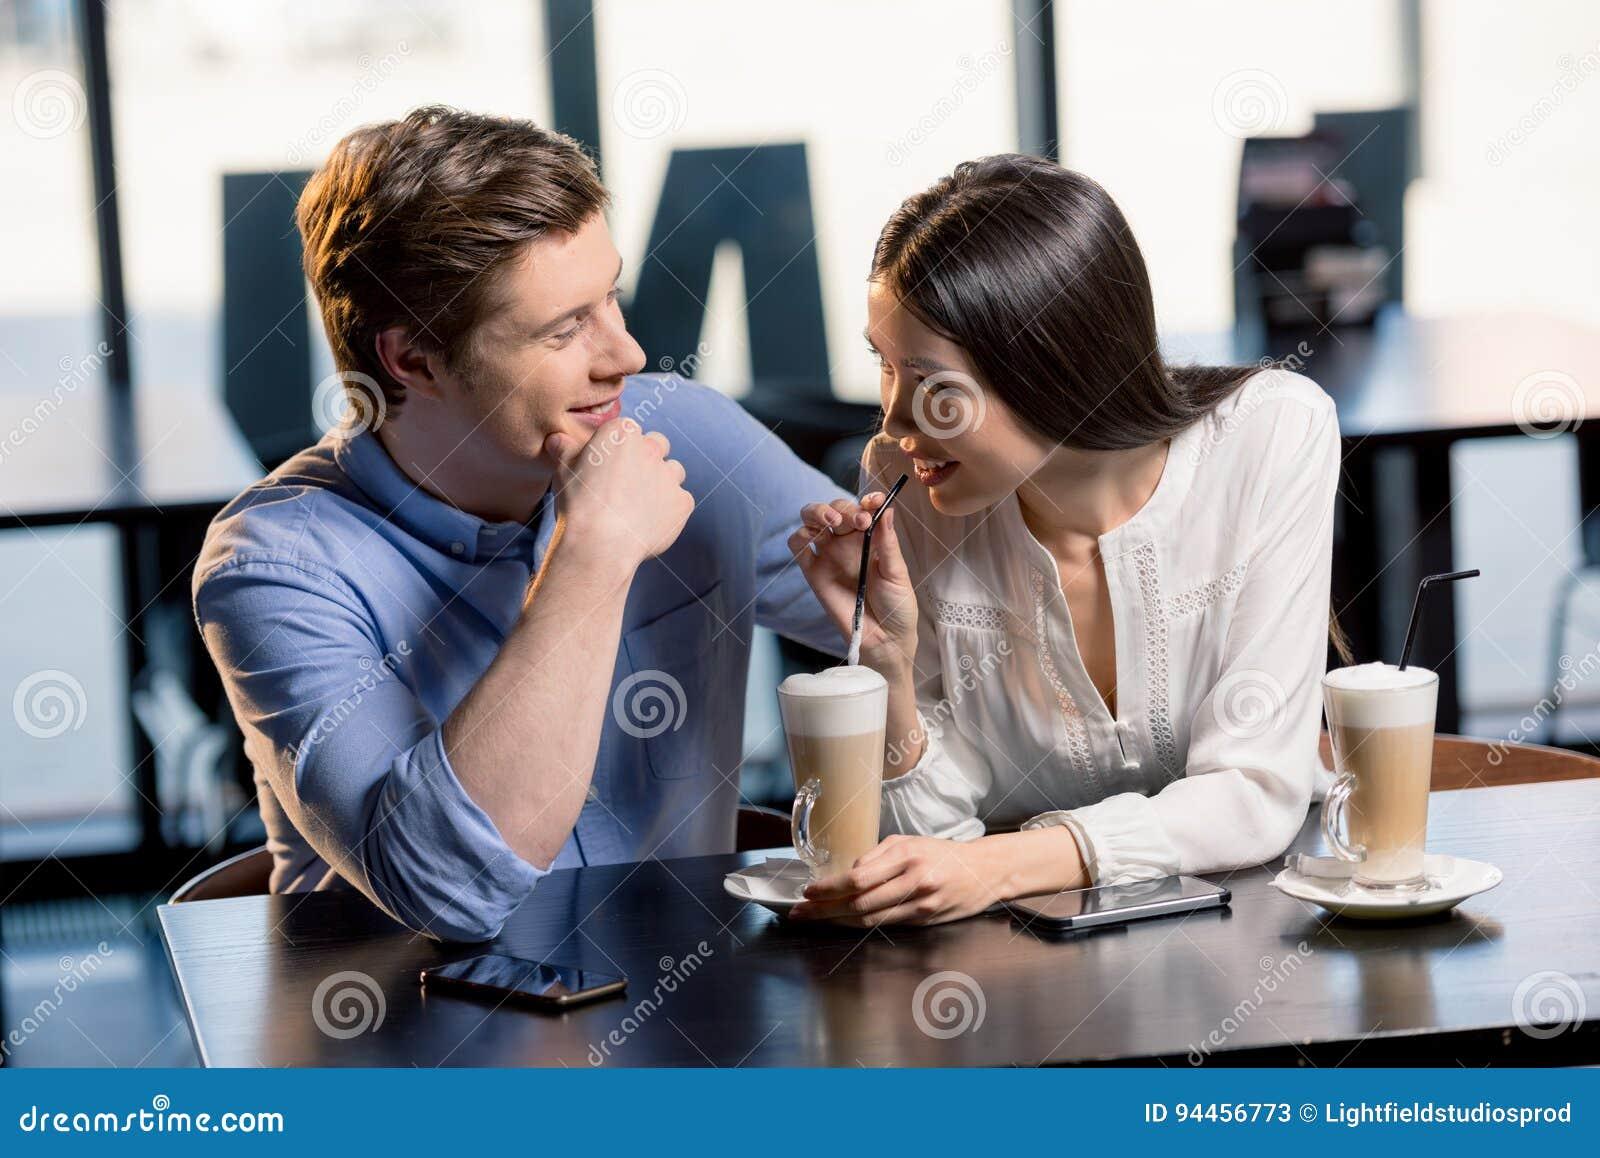 Счастливые молодые пары в влюбленности на романтичной дате в ресторане